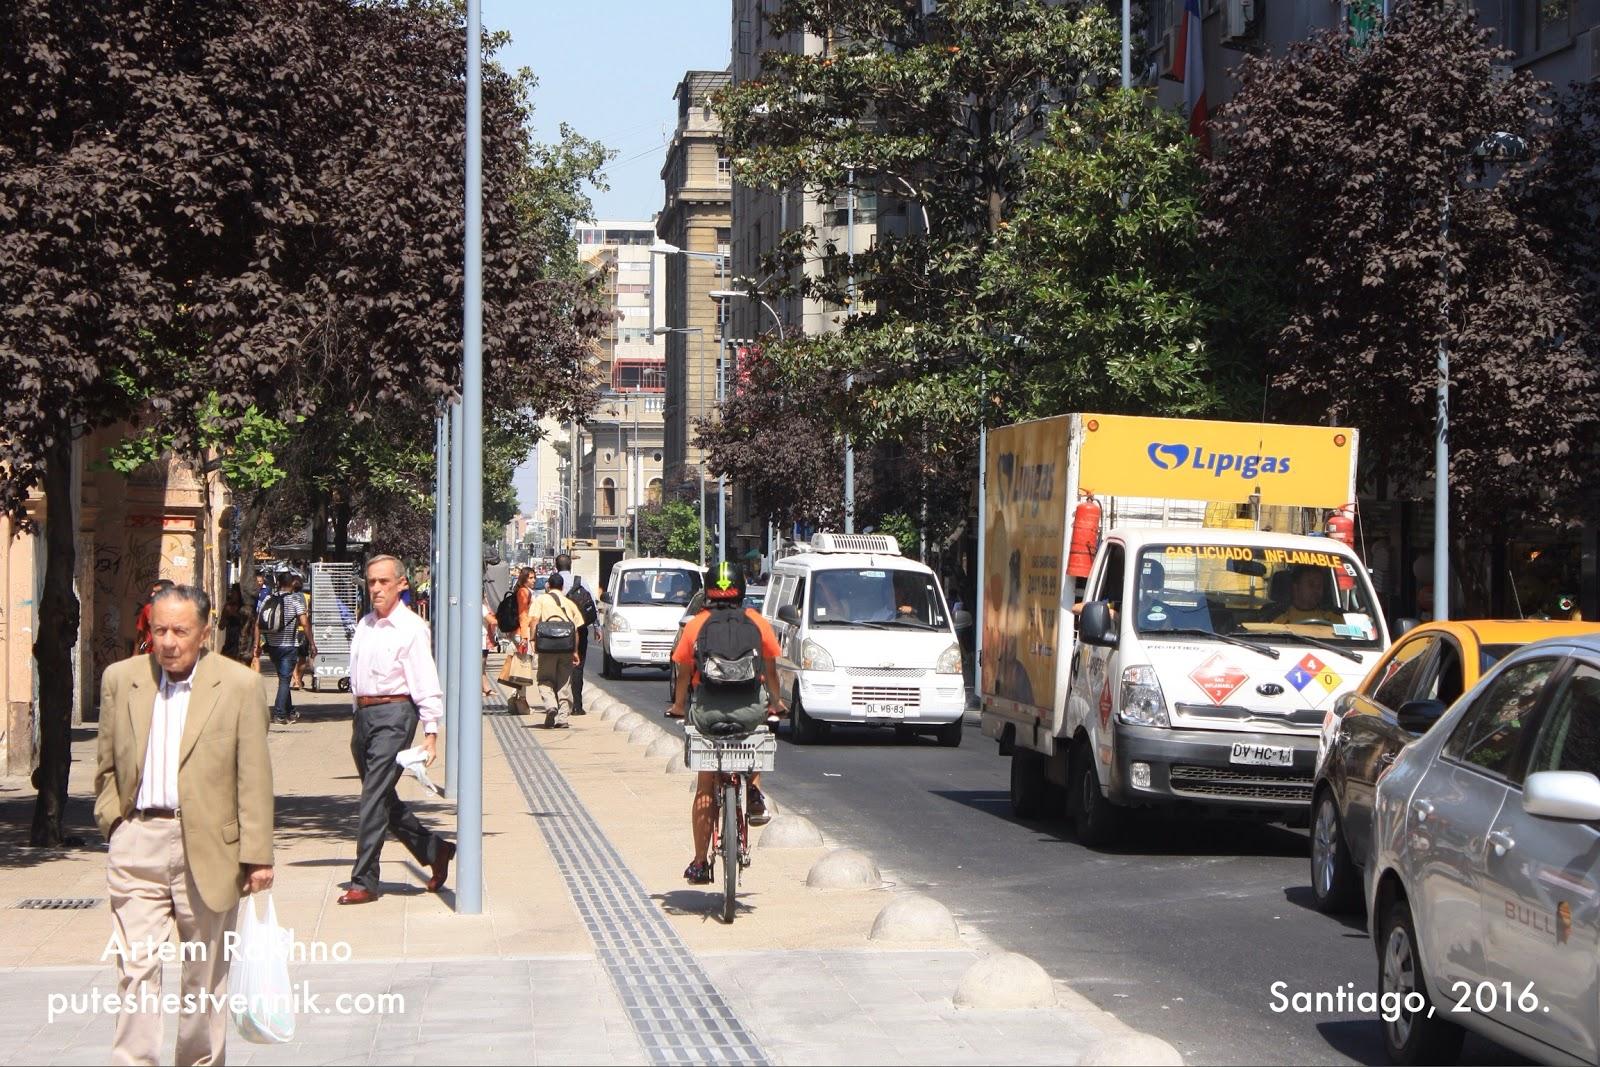 Прохожие и машины на улице в Сантьяго